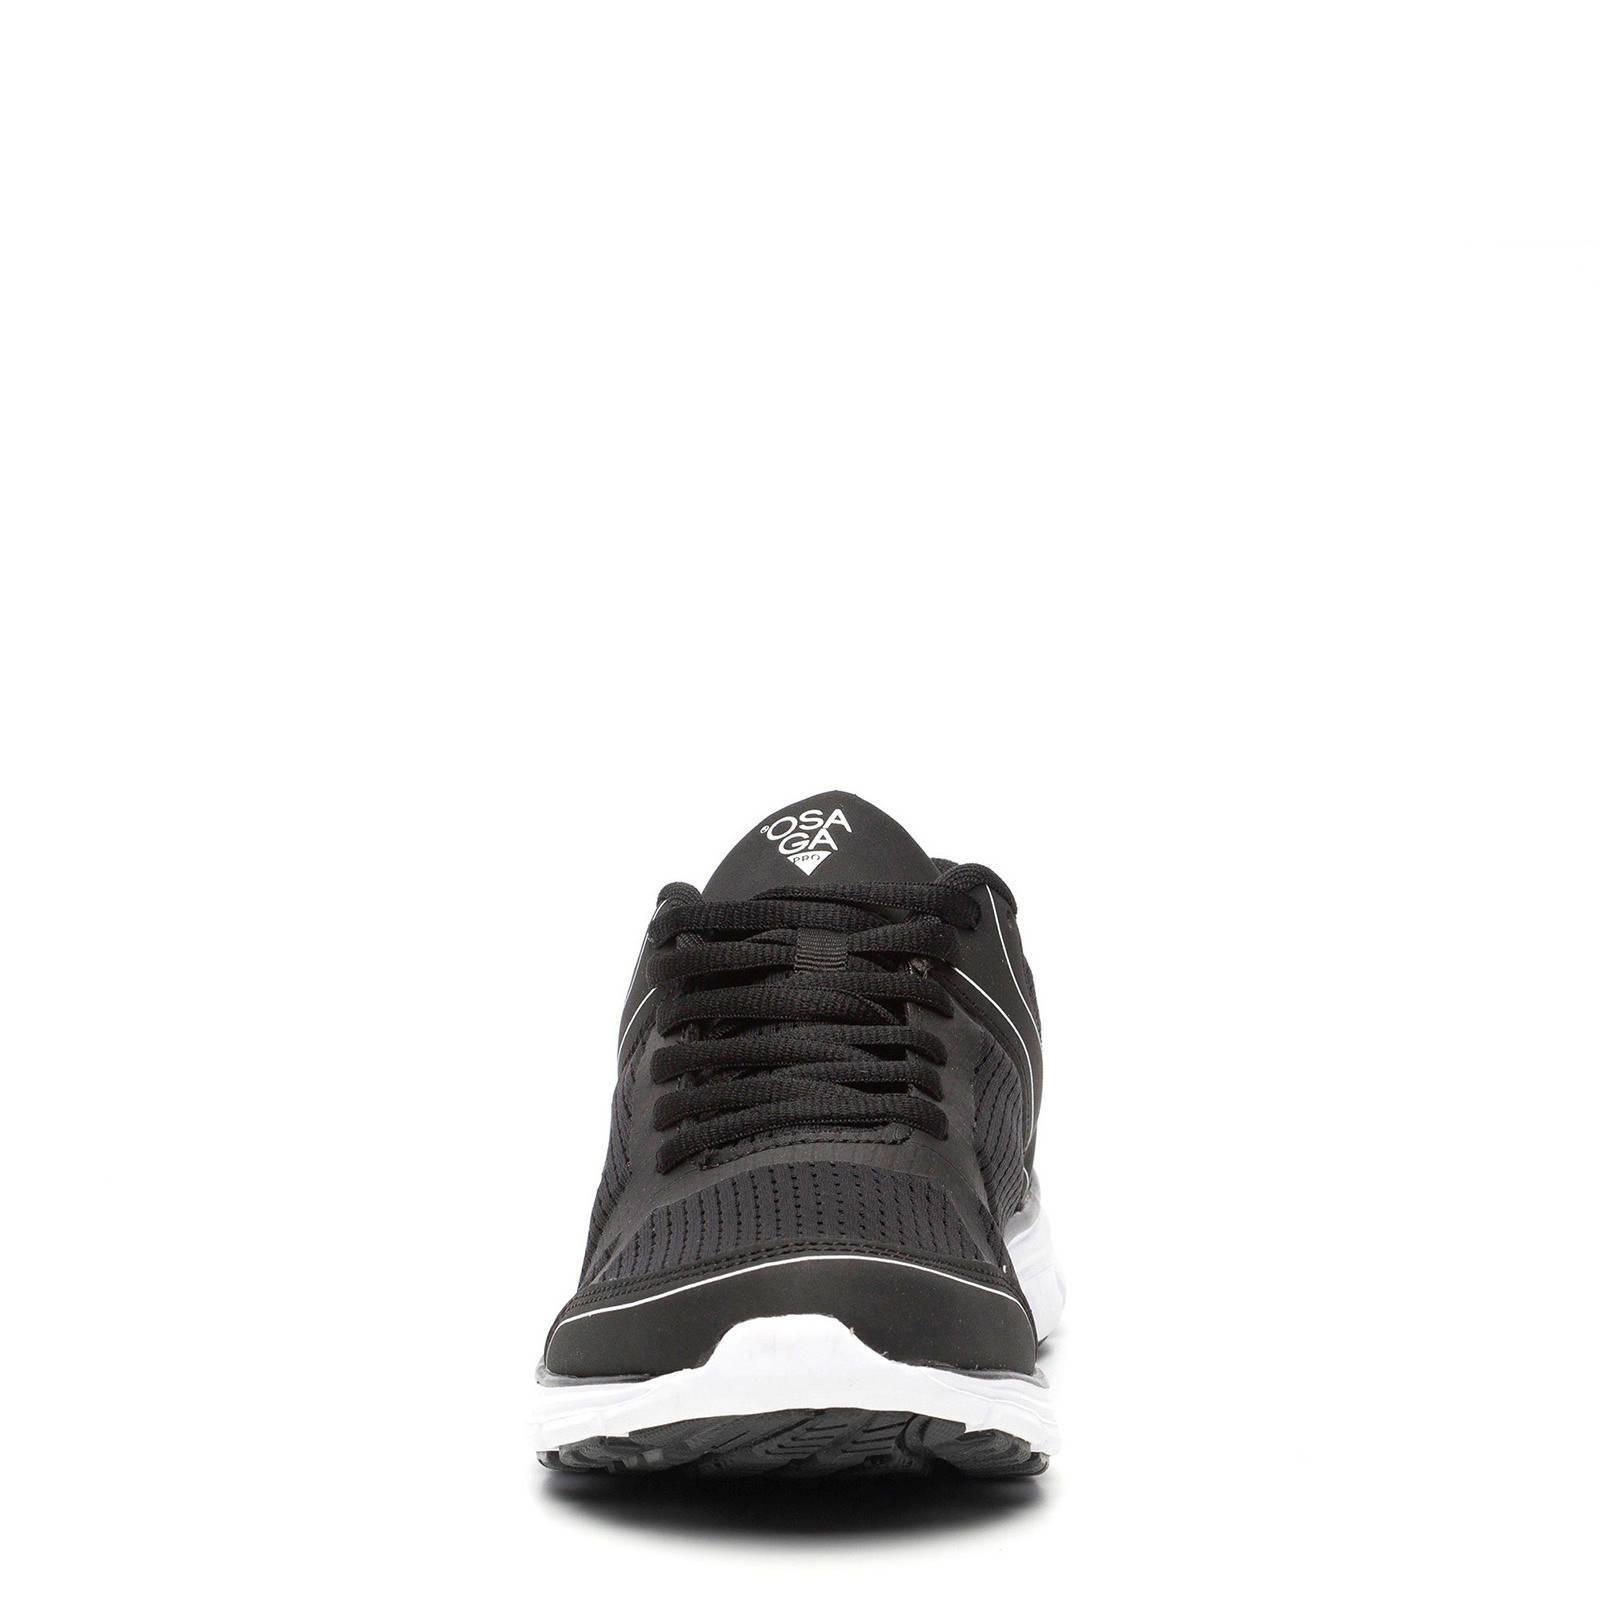 Osaga Pro hardloopschoenen zwart